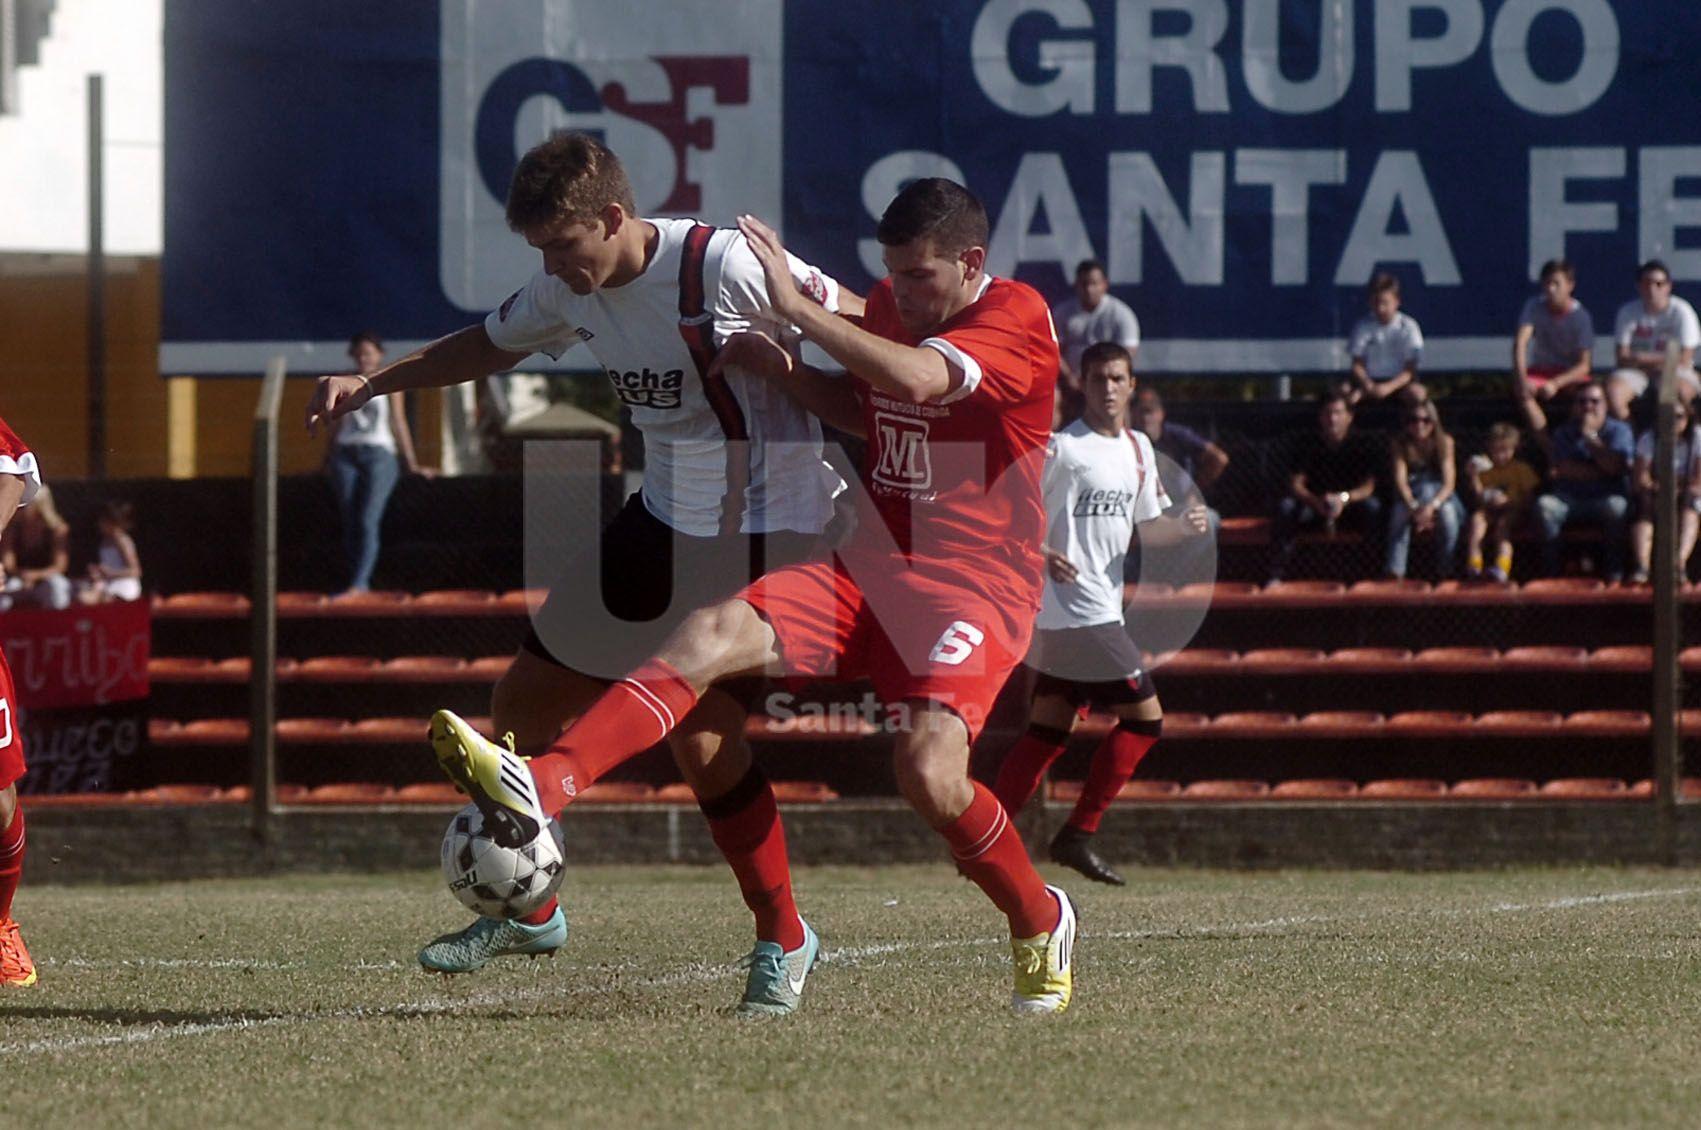 Colón batalló en su reducto para quedarse con la victoria al superar por 2 a 1 a Belgrano de Coronda. / Juan M. Baialardo.